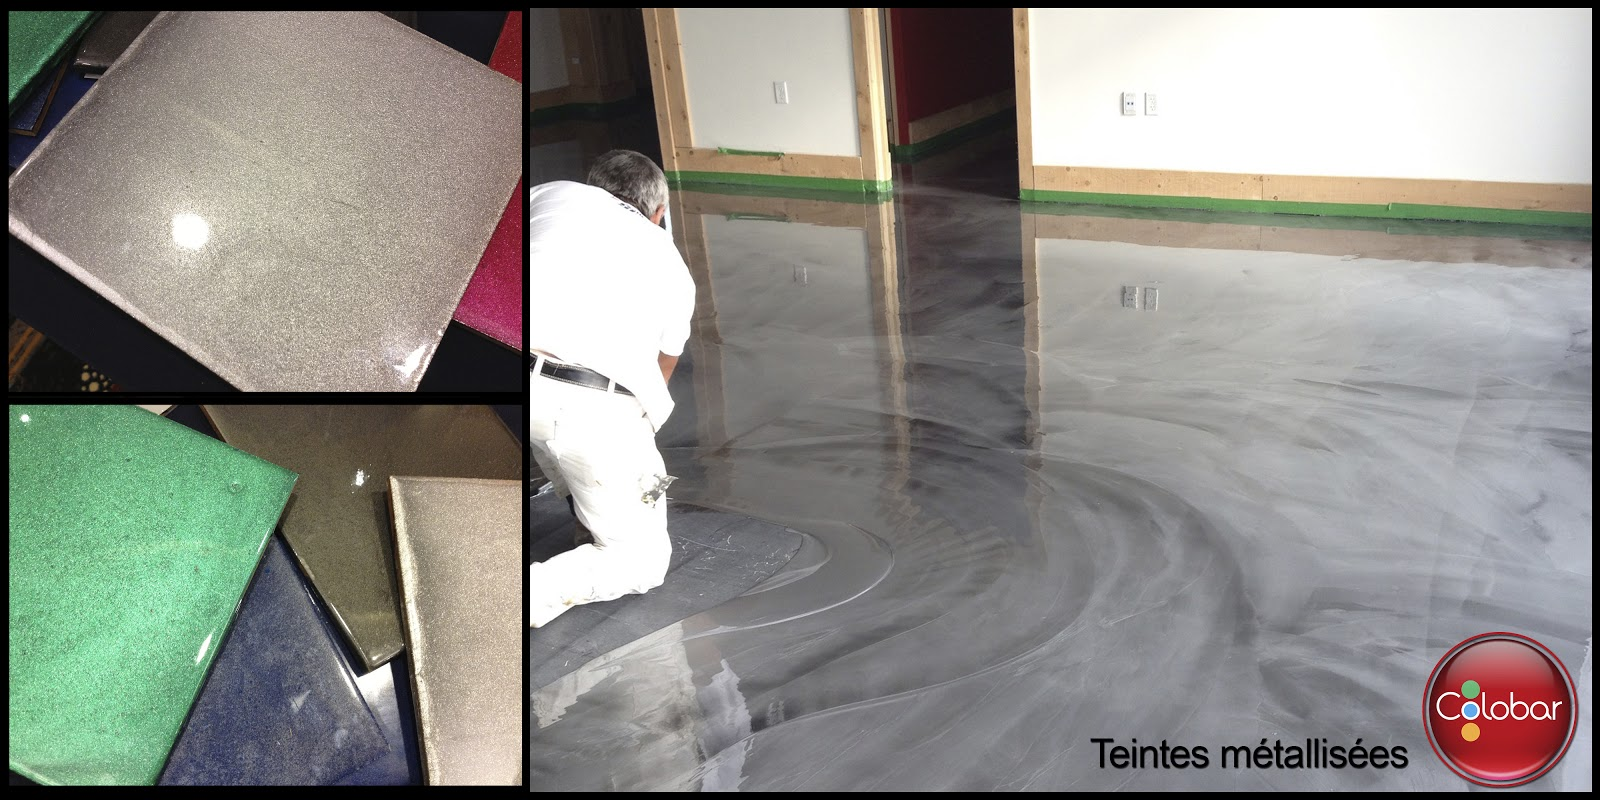 Colobar peinture et d coration une solution durable pour votre plancher de garage en ciment for Peinture beton garage